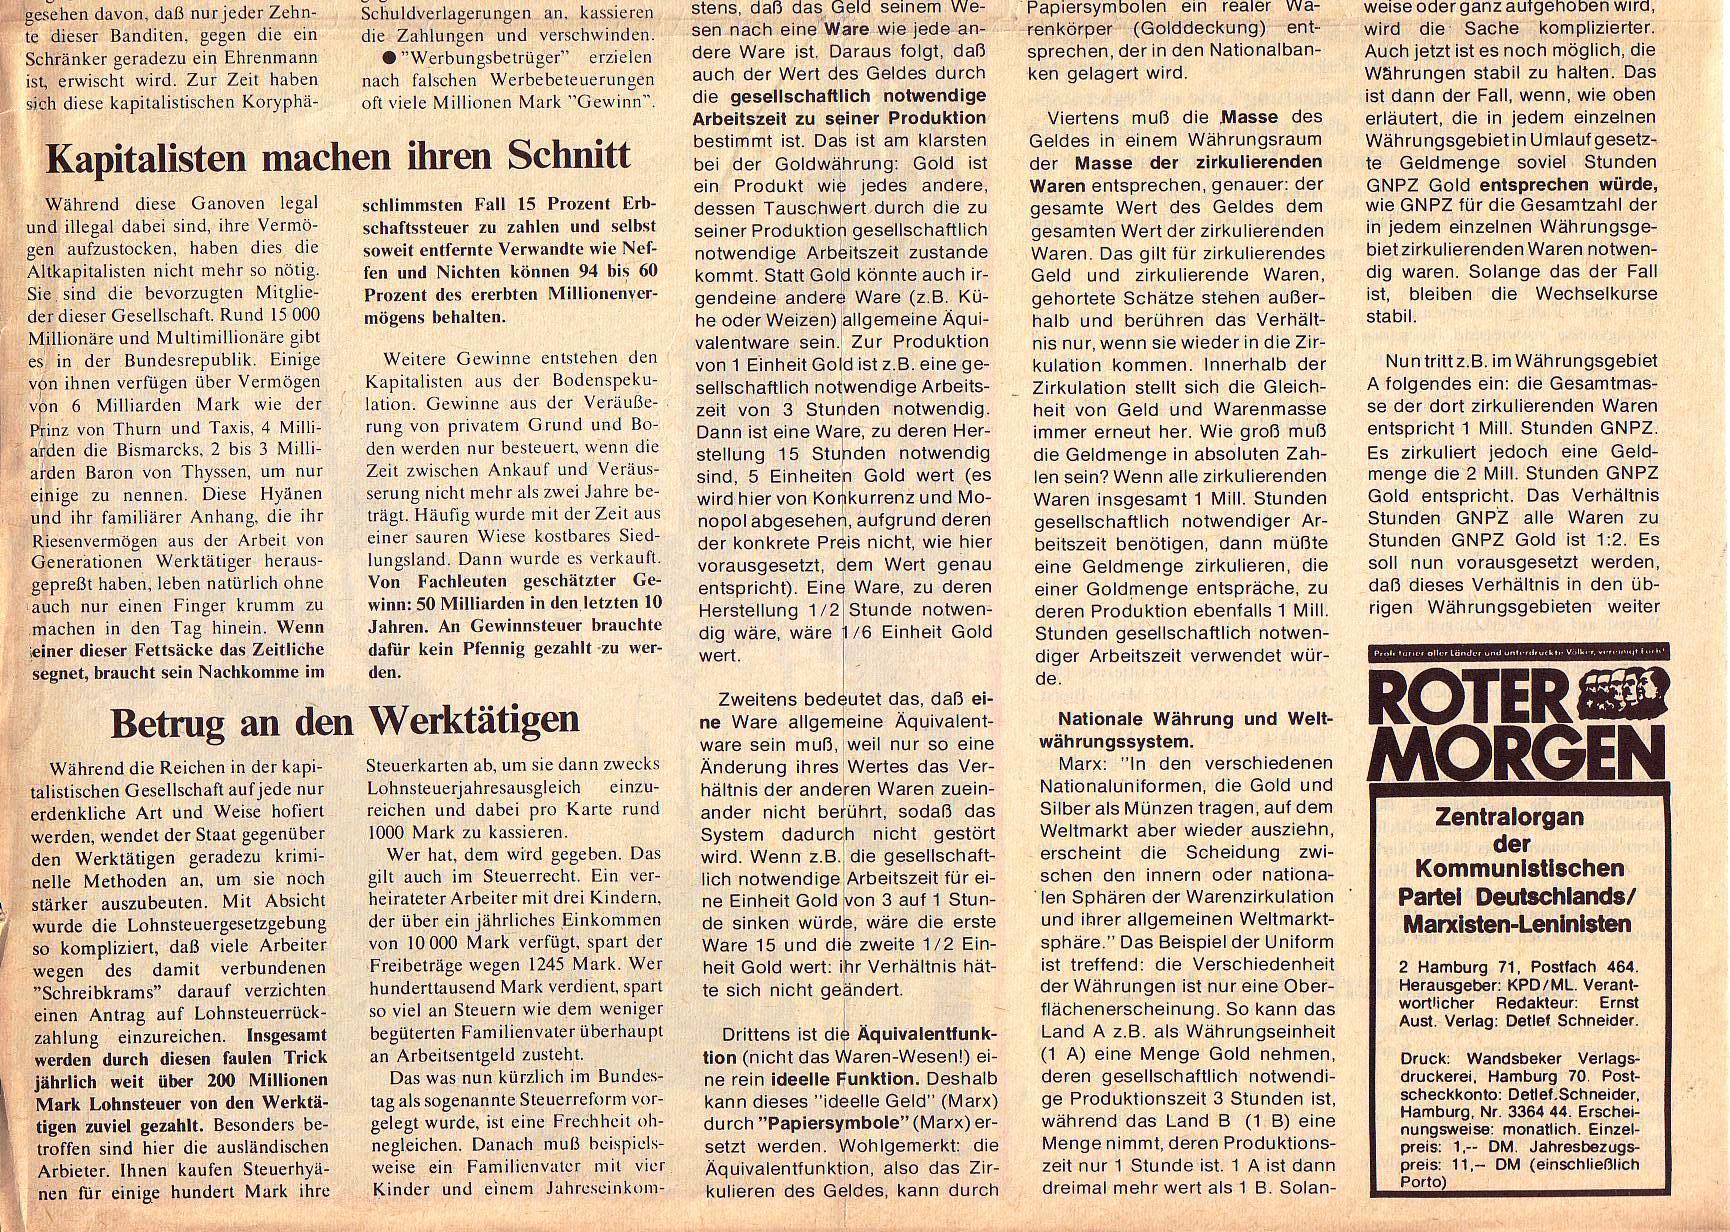 Roter Morgen, 5. Jg., Mai 1971, Nr. 5, Seite 2b